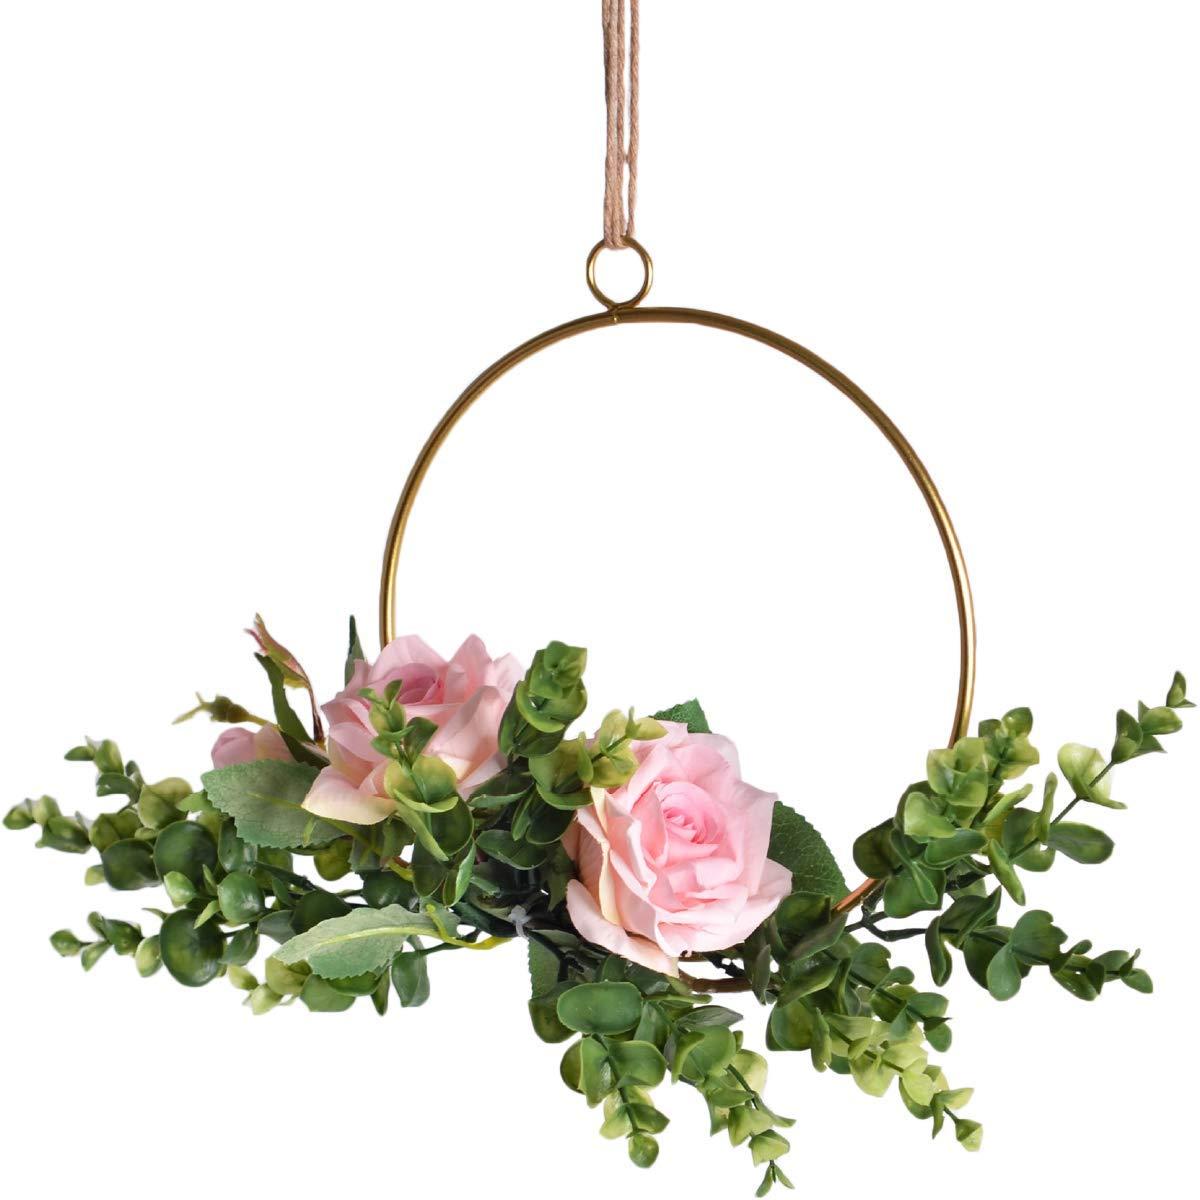 Pauwer Kranz 3er Set Handgefertigt Rose Blumenkranz mit Eukalyptus Golden Metall Ringe Blumen Hoop Wandkranz f/ür Zuhause T/üren Rose Floral Hoop Set of 3 Hochzeiten Parties